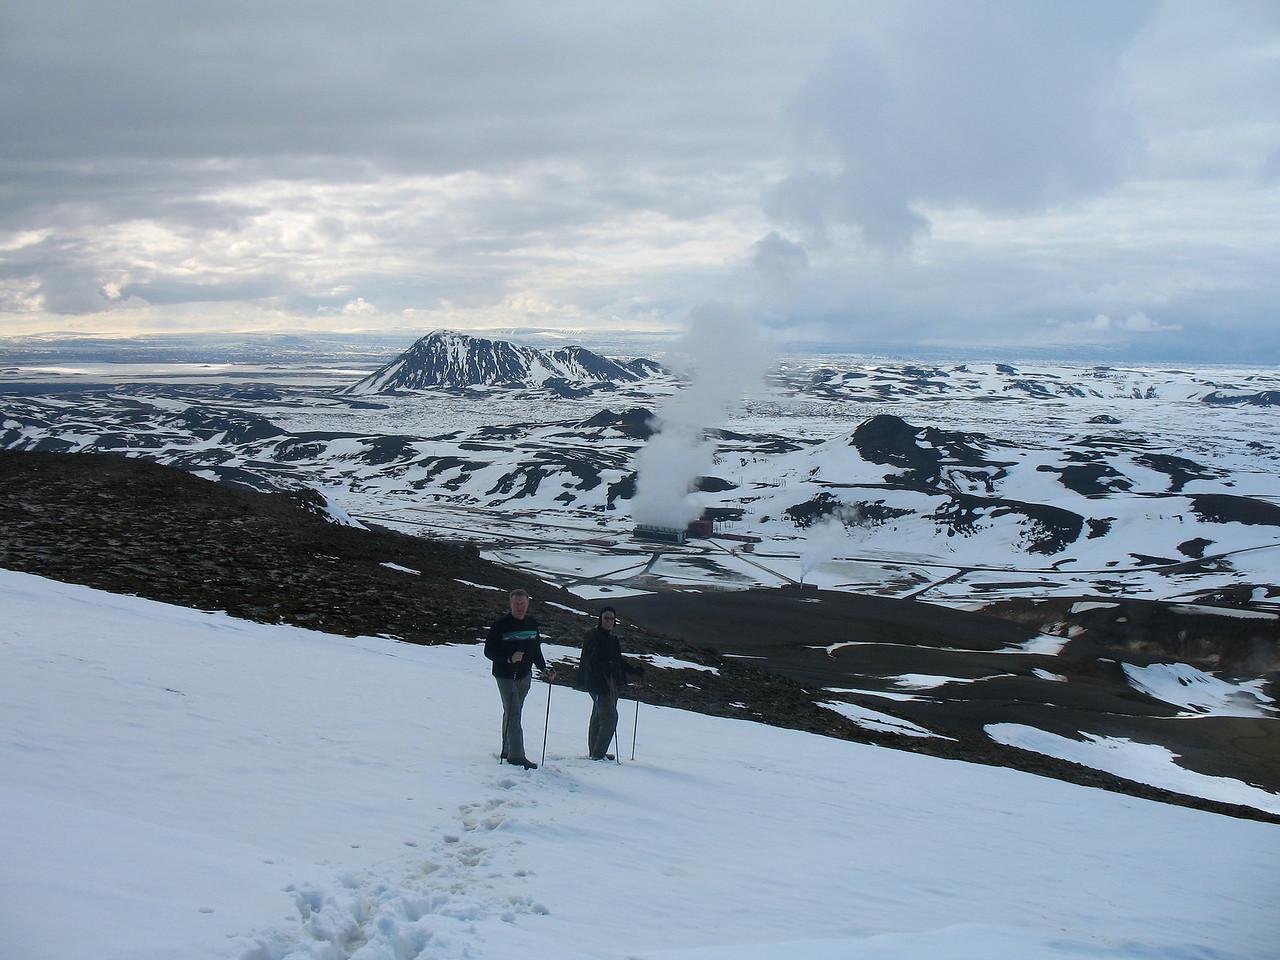 Á niðurleið, Hlíðarfjall og Kröfluvirkjun í baksýn. Vindbelgjarfjall er í hvarfi bak við Hlíðarjall.